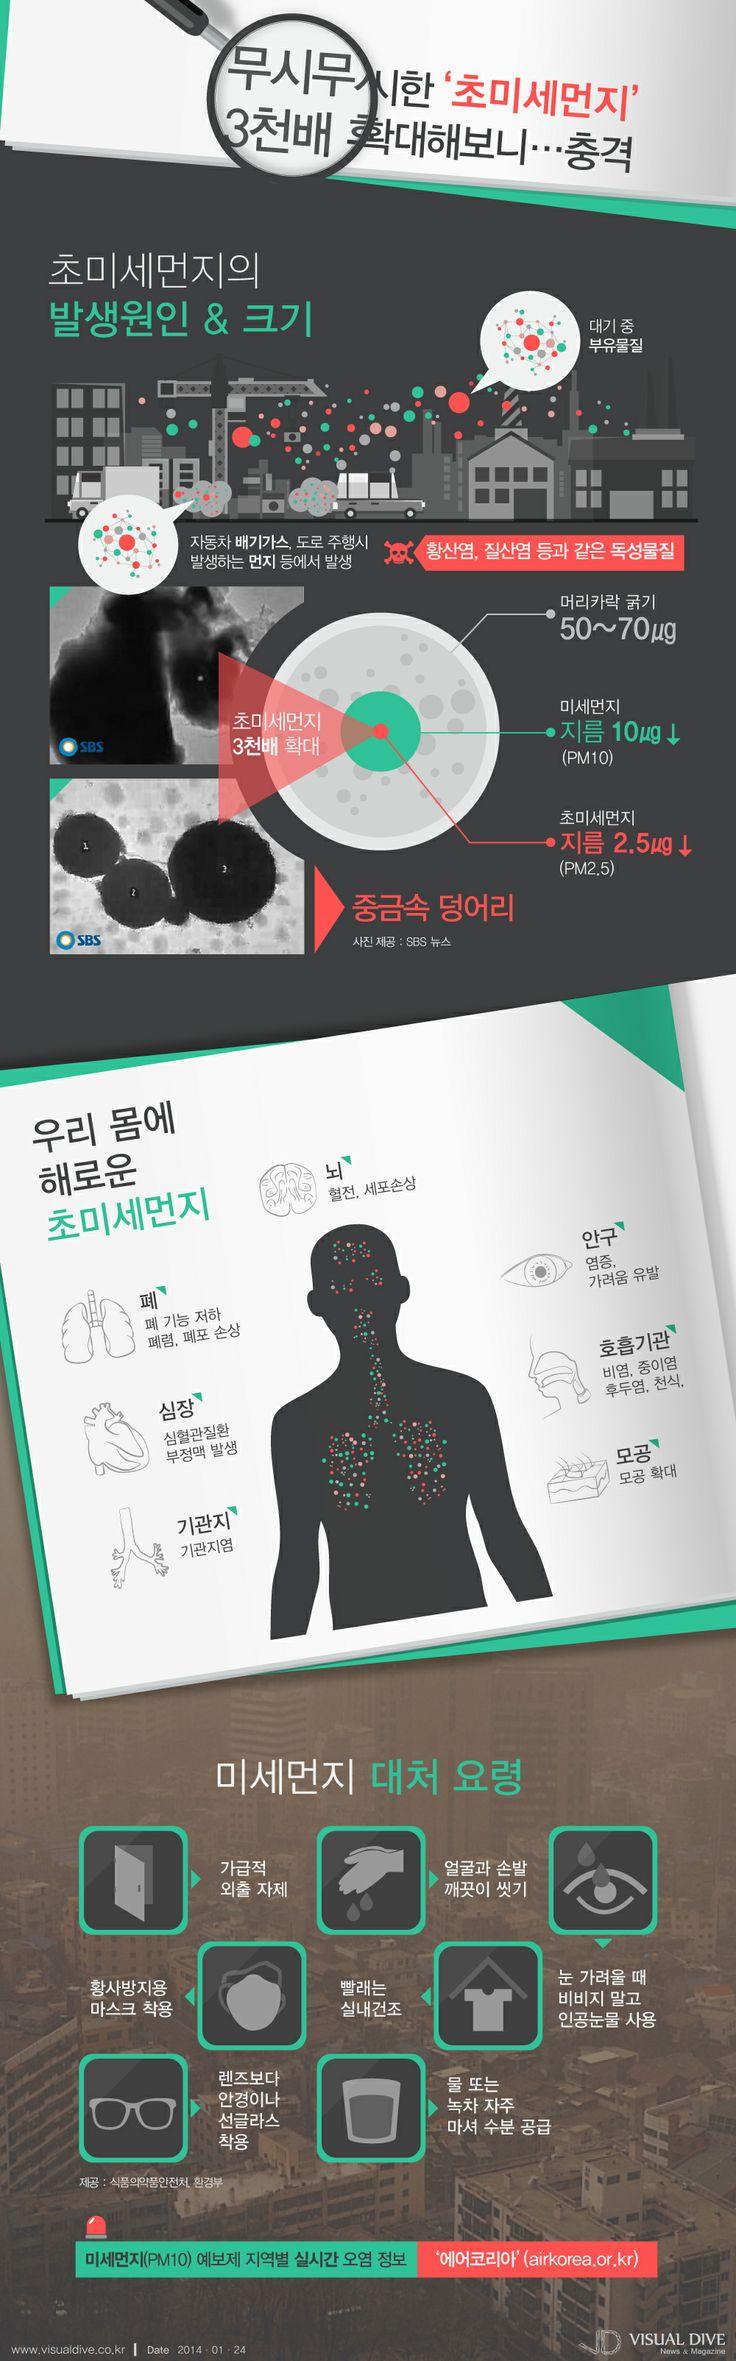 [인포그래픽] 무시무시한 '초미세먼지', 눈에 뵈는 게 없어 더 무섭네 # PM2.5 / #Infographic ⓒ 비주얼다이브 무단 복사·전재·재배포 금지